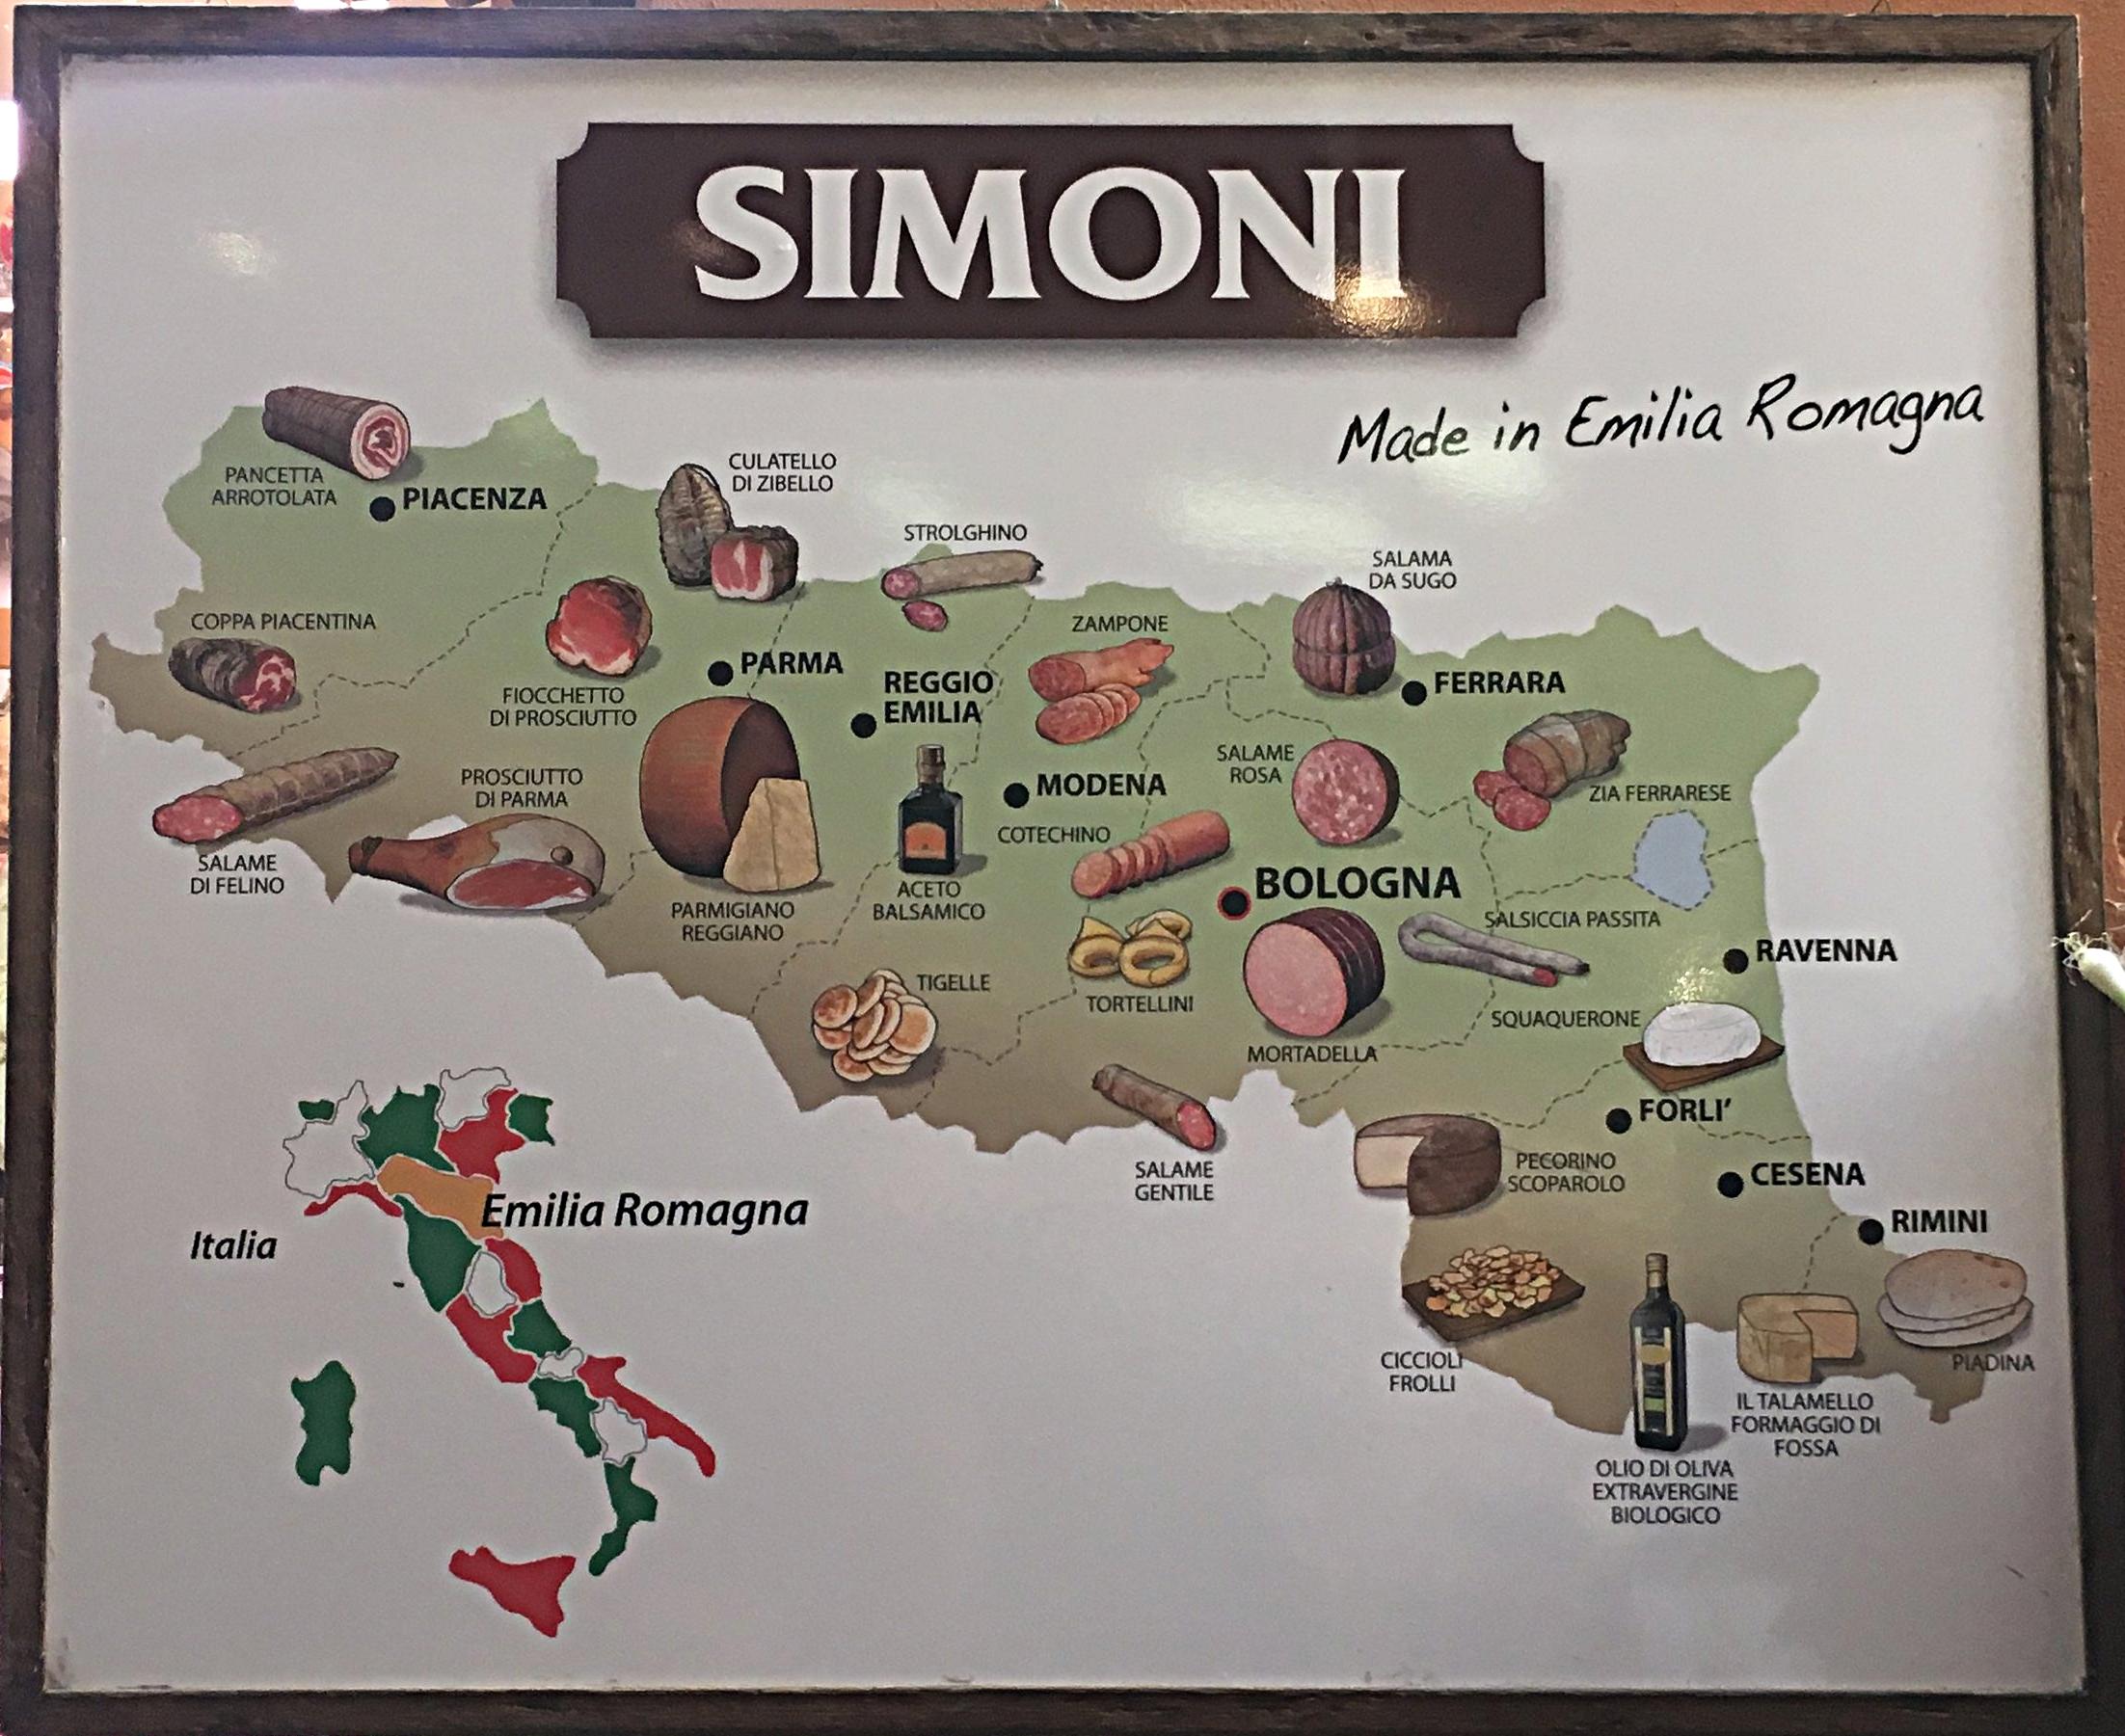 Um resumo da produção da Emilia Romana.